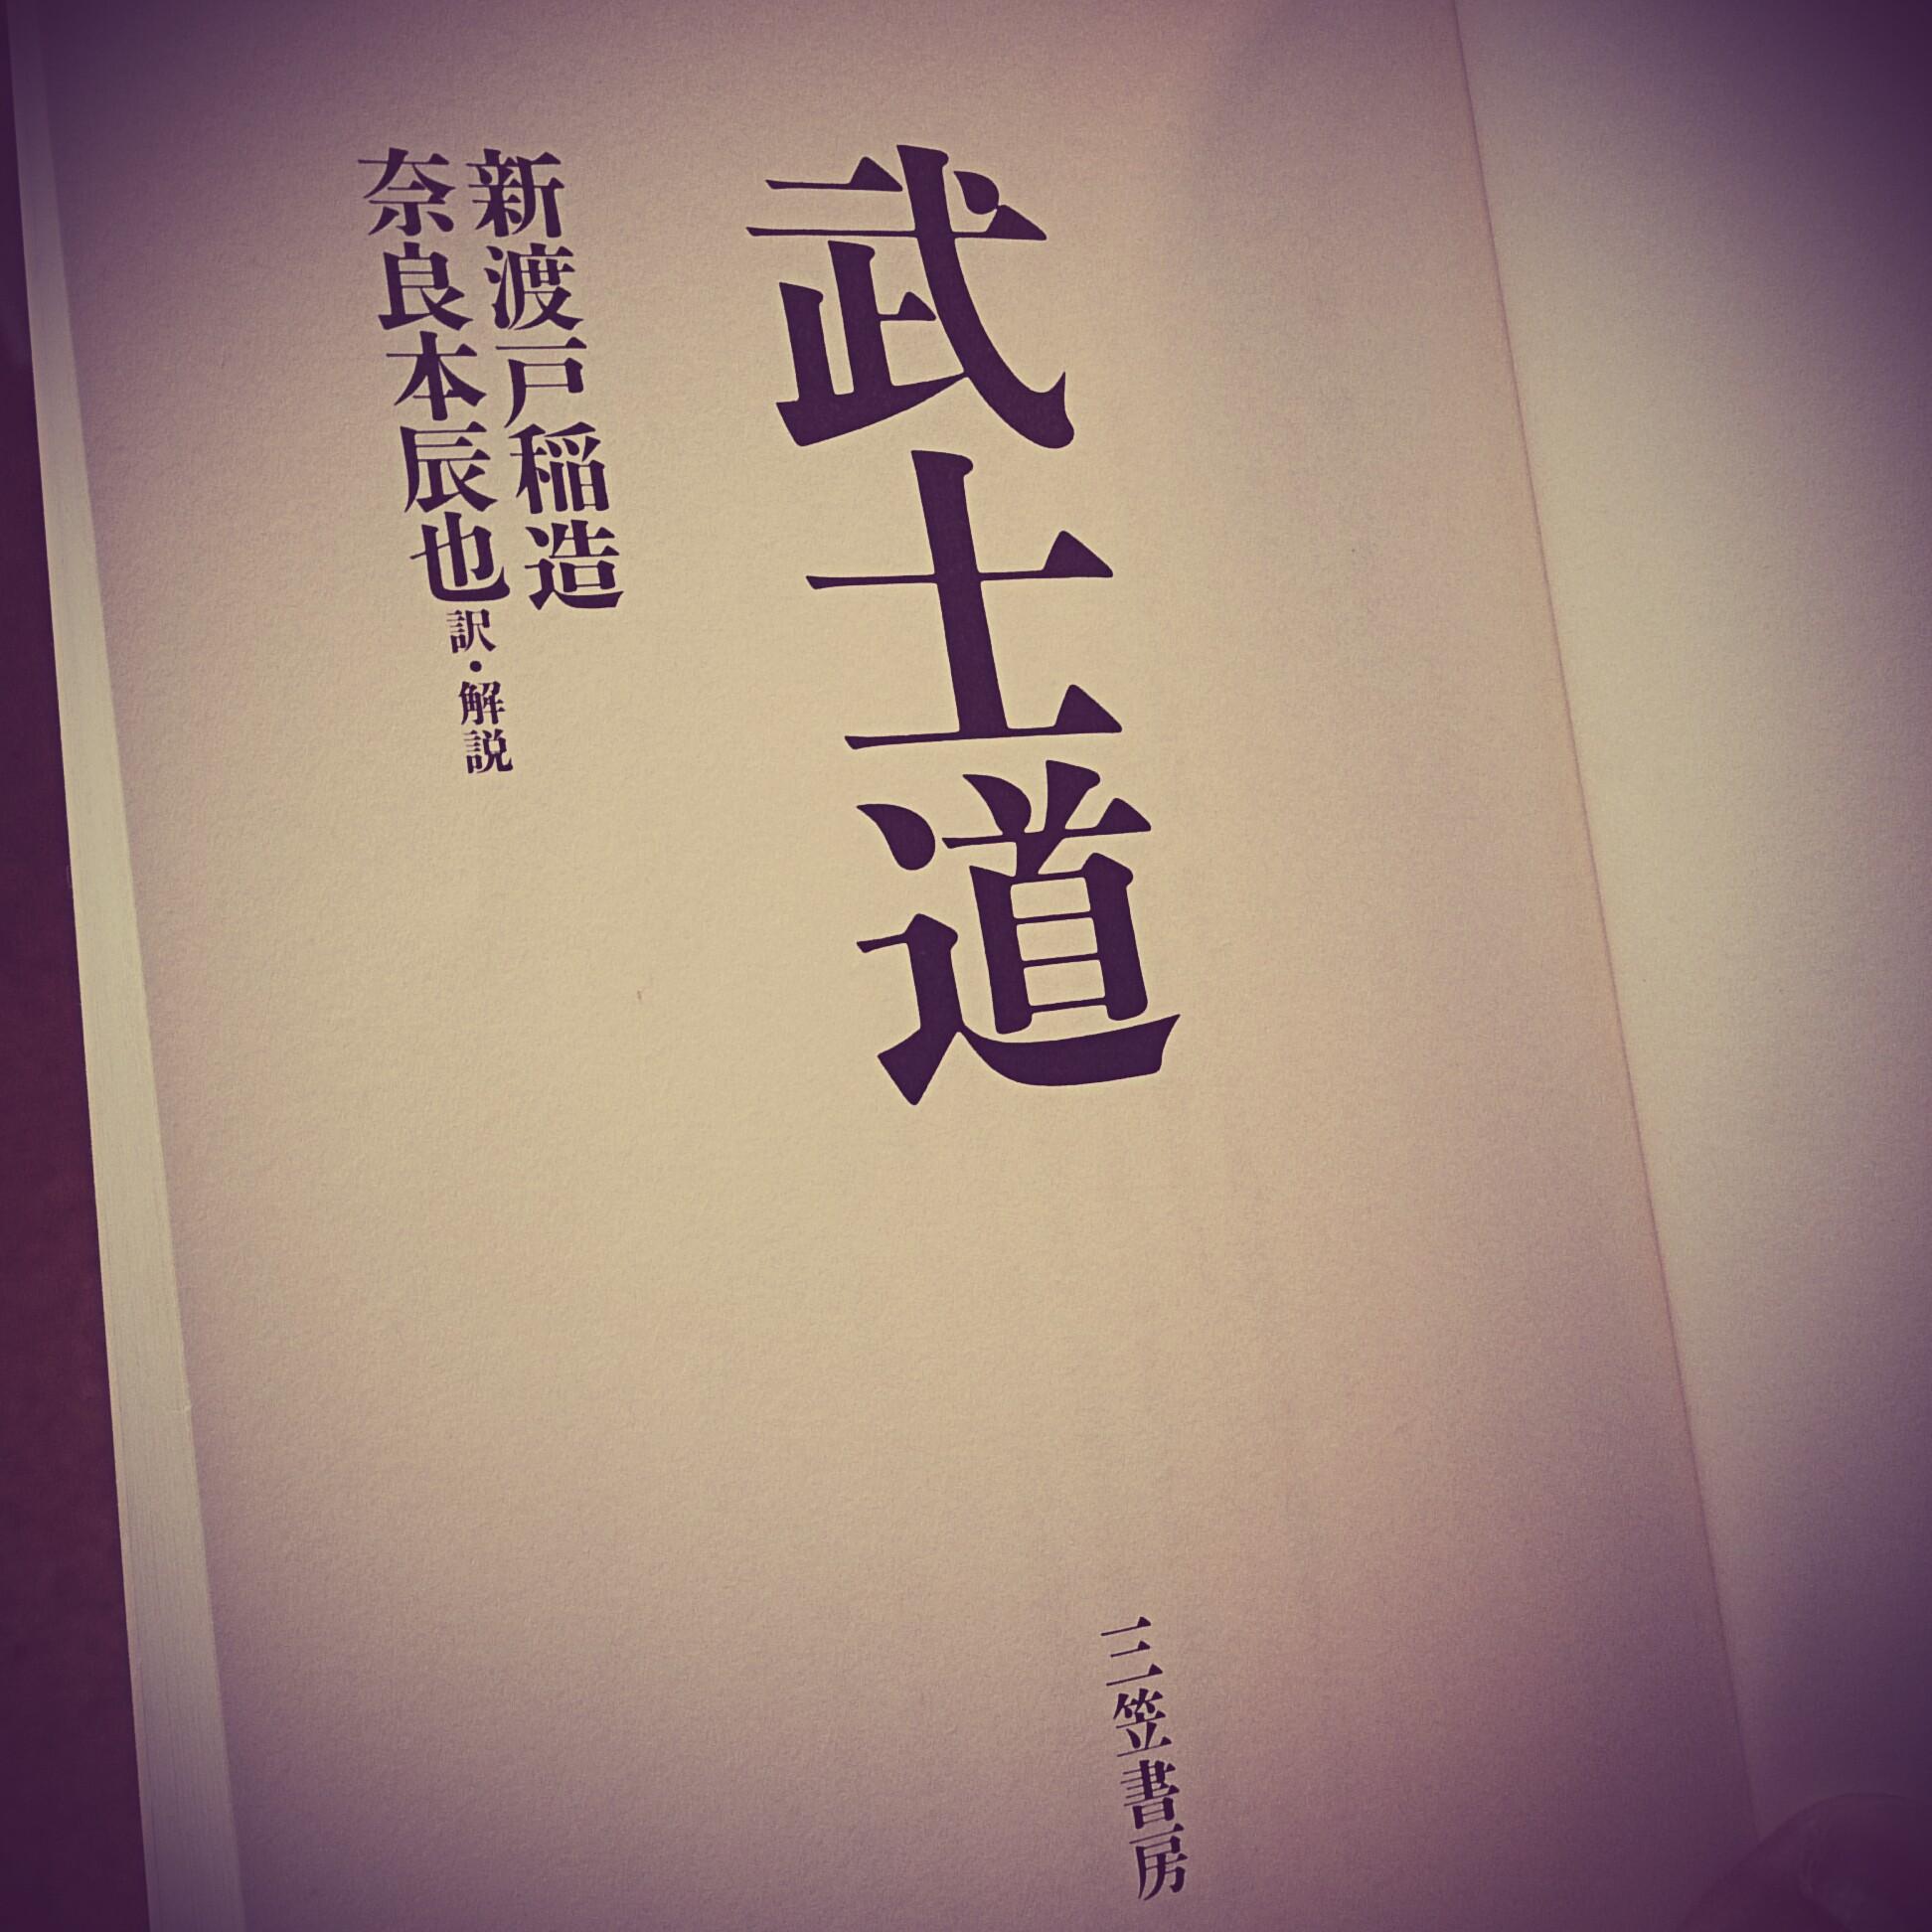 『武士道』を読む理由